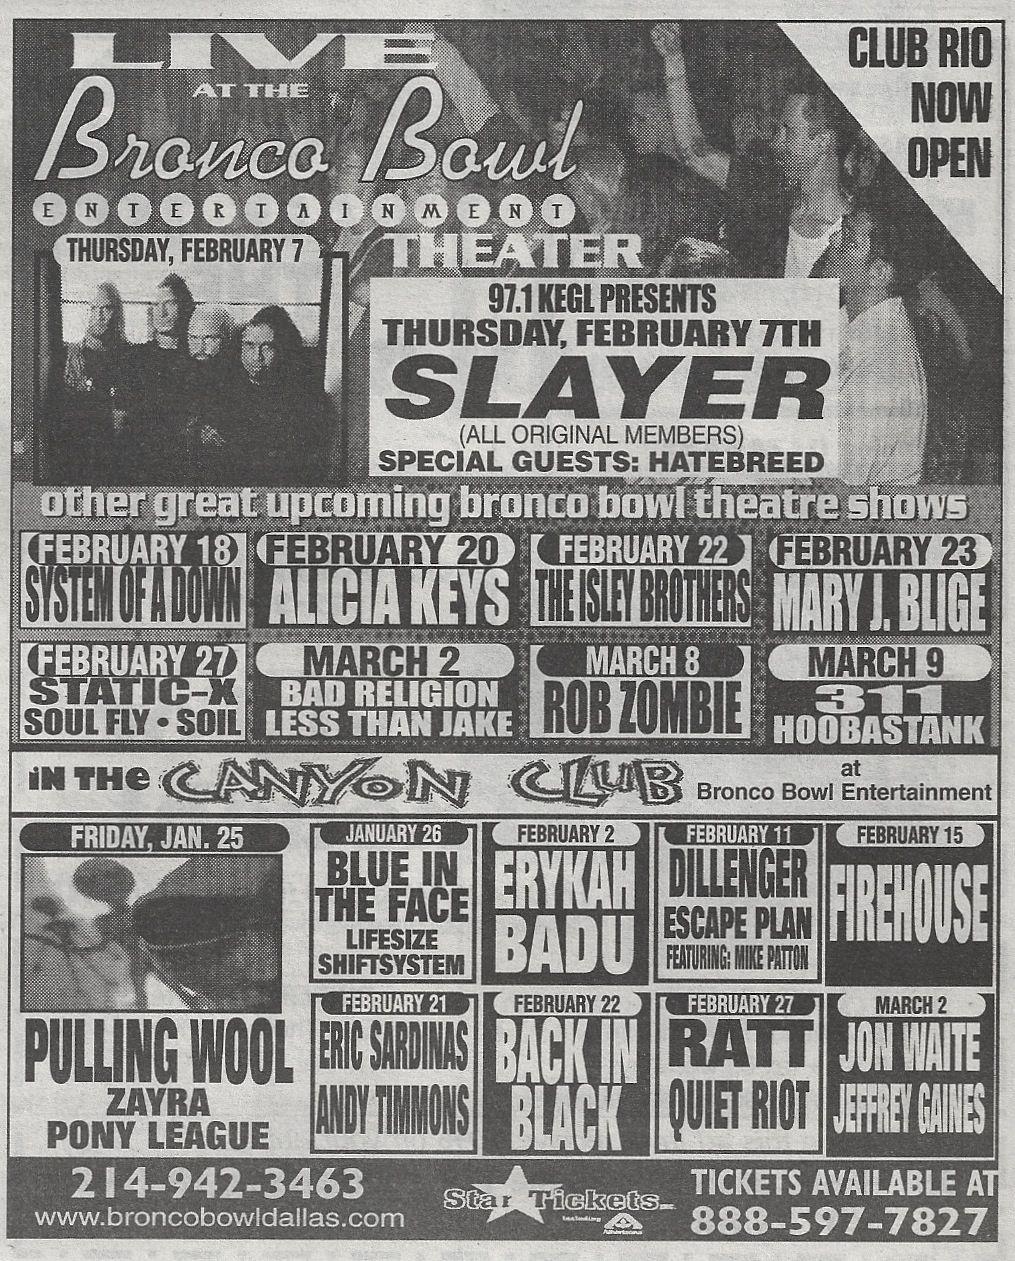 Bronco Bowl Print Ad In Dallas Observer